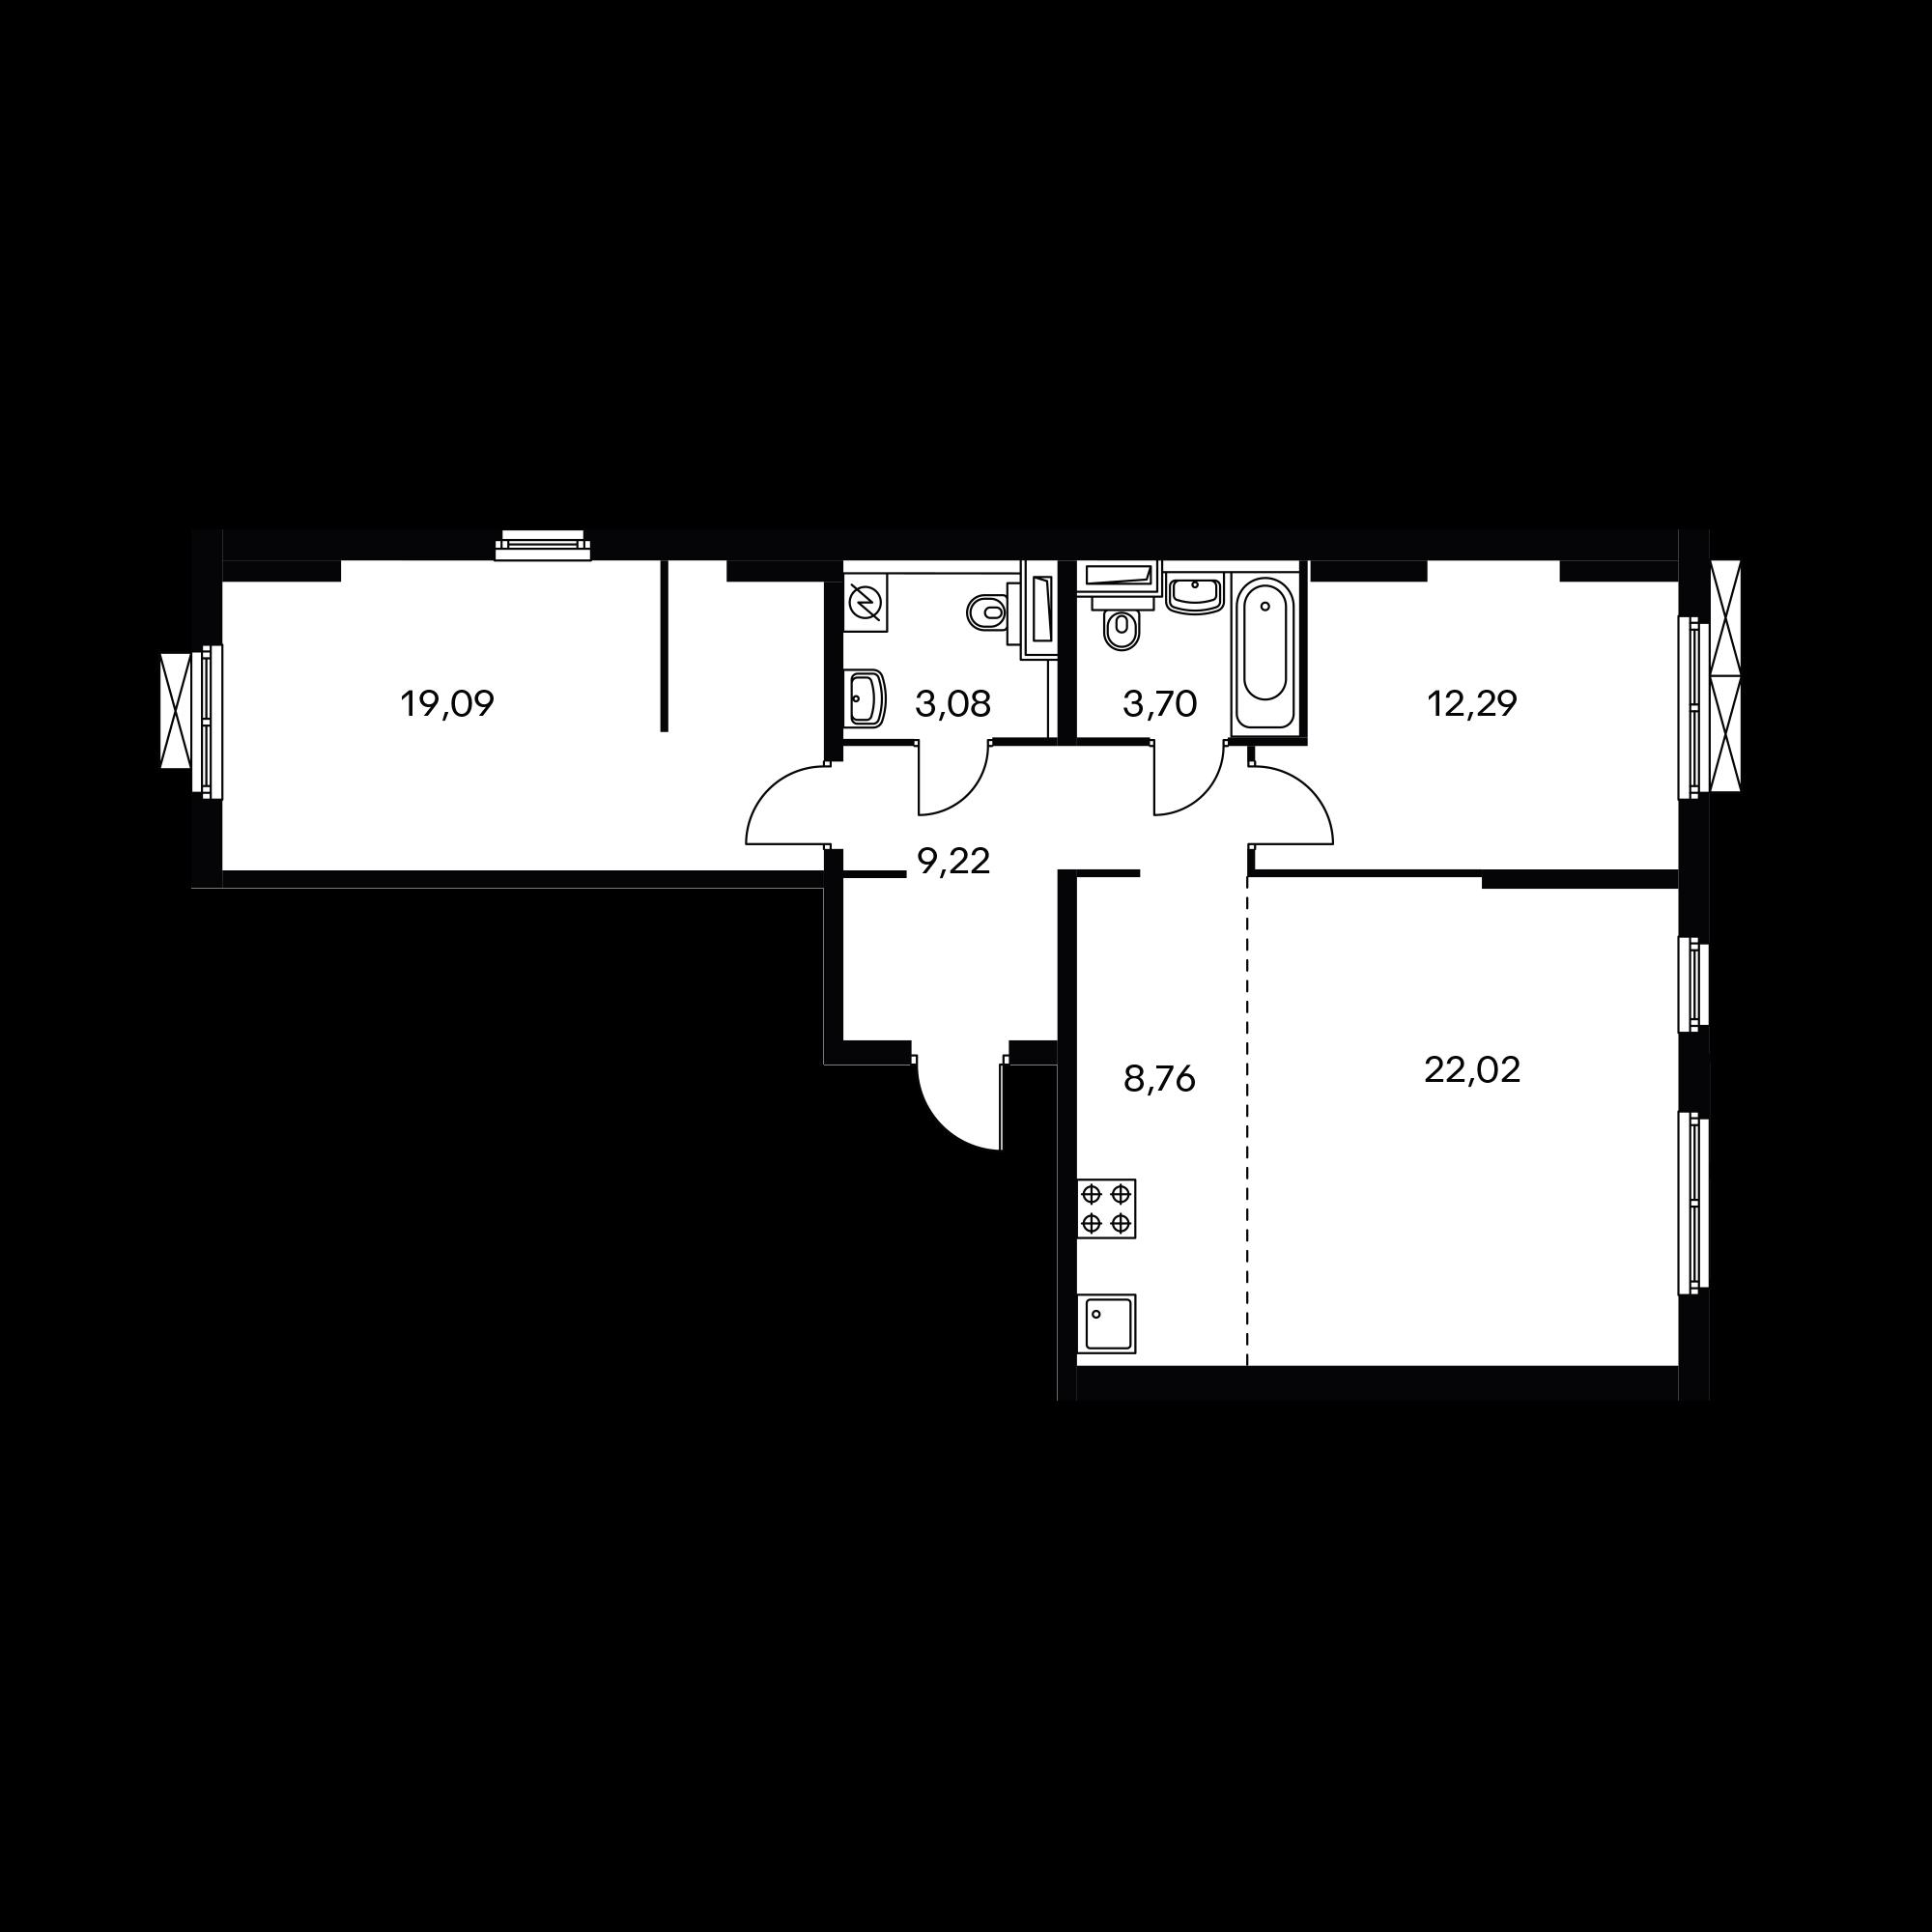 3NM12_8.4-1_T_A1